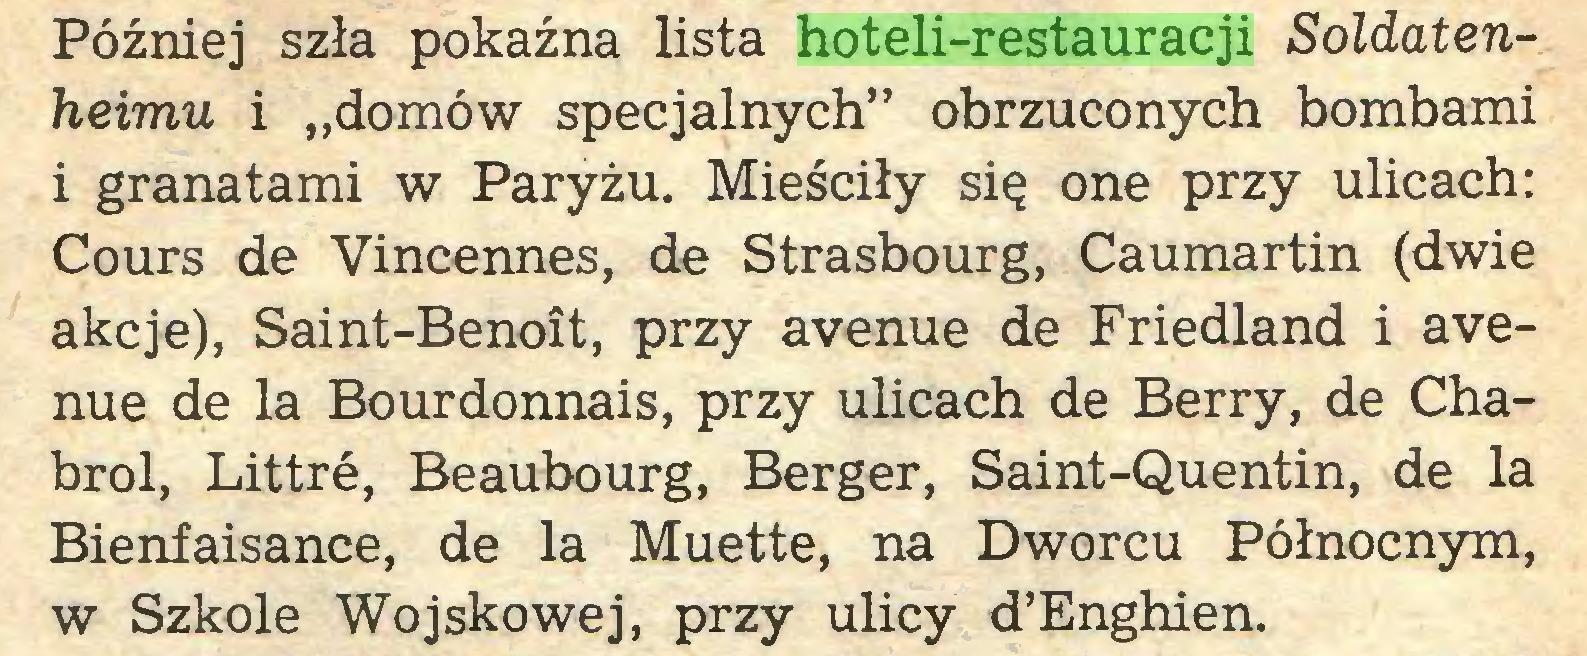 """(...) Później szła pokaźna lista hoteli-restauracji Soldatenheimu i """"domów specjalnych"""" obrzuconych bombami i granatami w Paryżu. Mieściły się one przy ulicach: Cours de Vincennes, de Strasbourg, Caumartin (dwie akcje), Saint-Benoît, przy avenue de Friedland i avenue de la Bourdonnais, przy ulicach de Berry, de Chabrol, Littré, Beaubourg, Berger, Saint-Quentin, de la Bienfaisance, de la Muette, na Dworcu Północnym, w Szkole Wojskowej, przy ulicy d'Enghien..."""